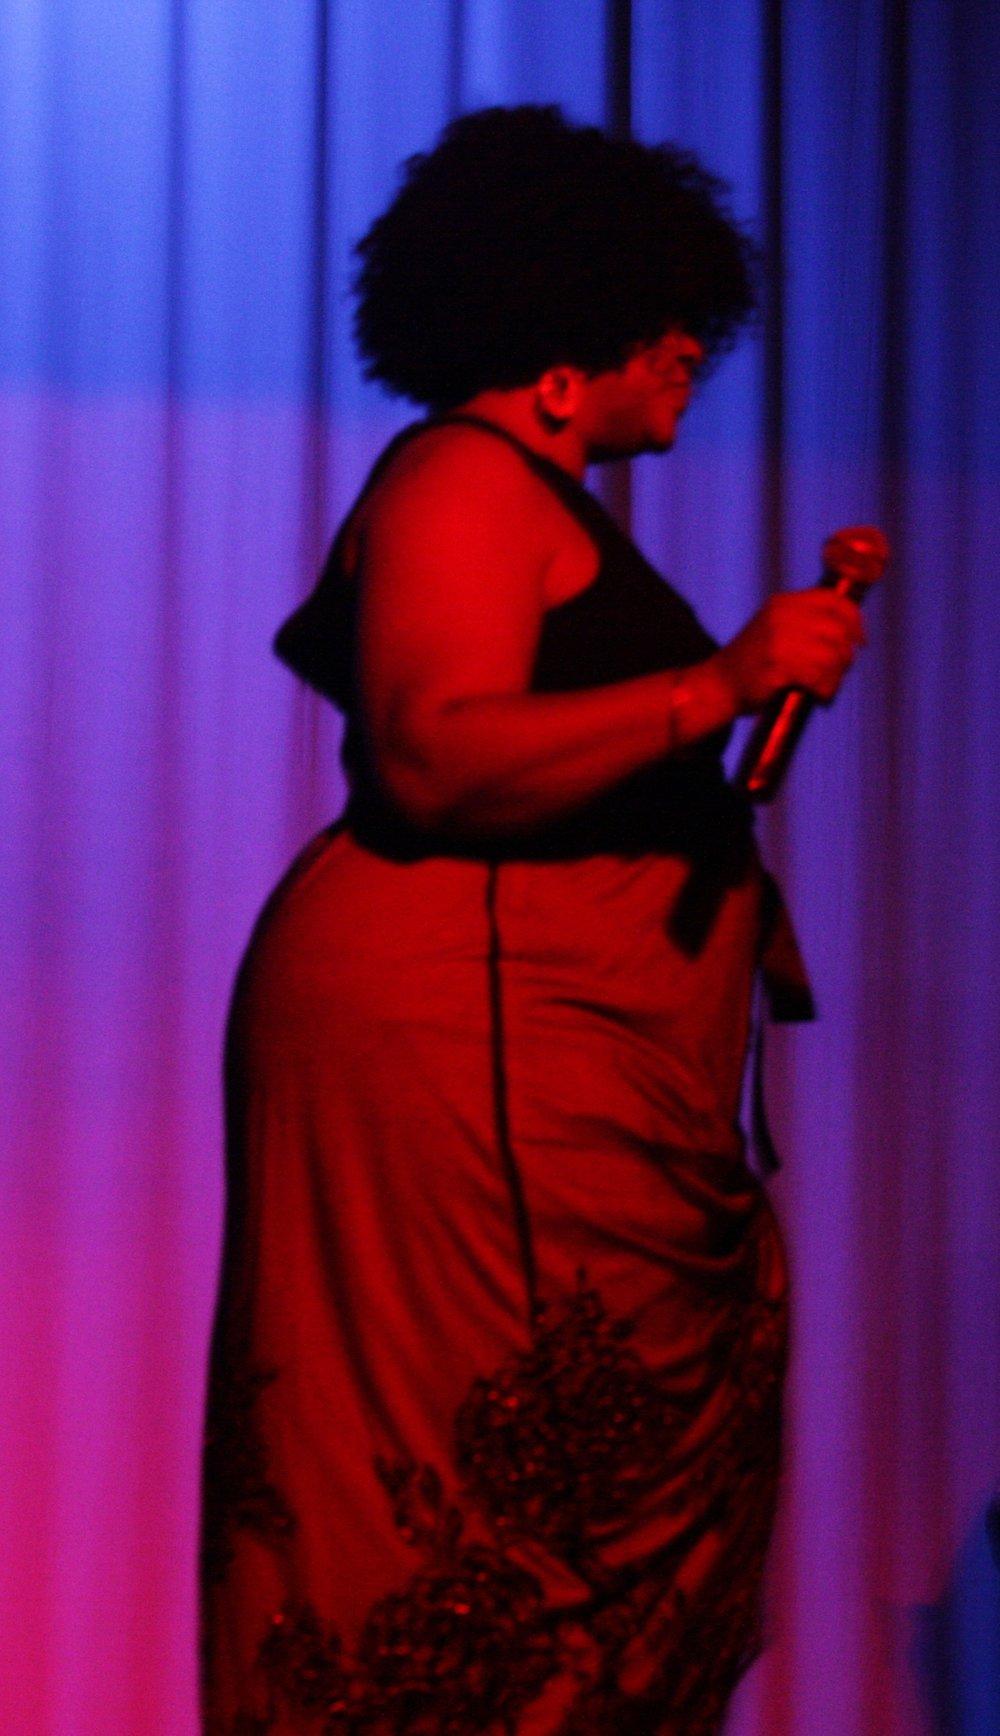 franklin tribute singer 9.jpg